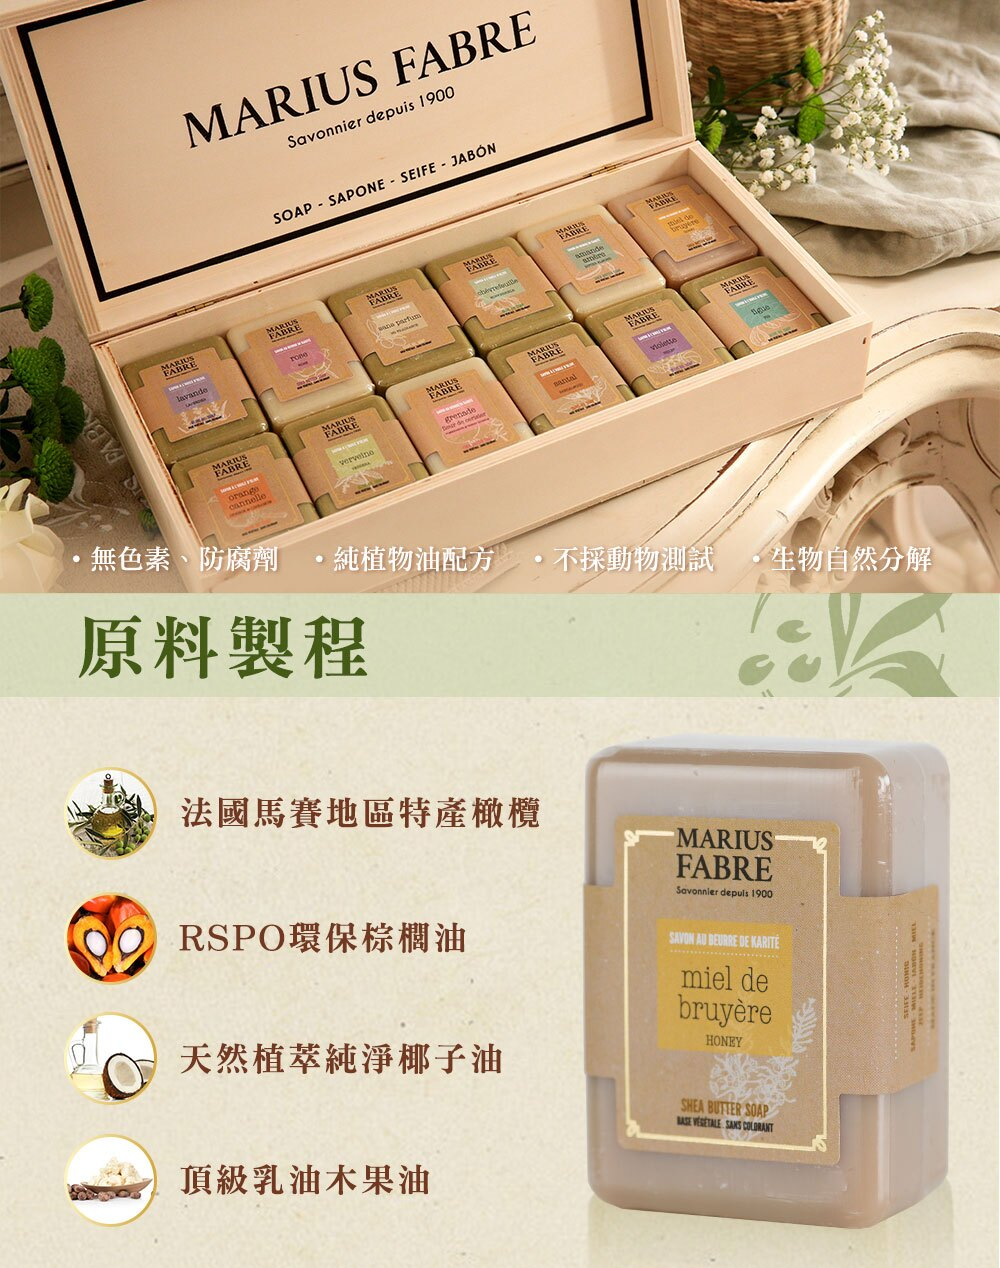 法鉑 MARIUS FABRE 蜂蜜乳油木草本皂 150G 法國原裝進口 / UPSM認證 / EPV標章